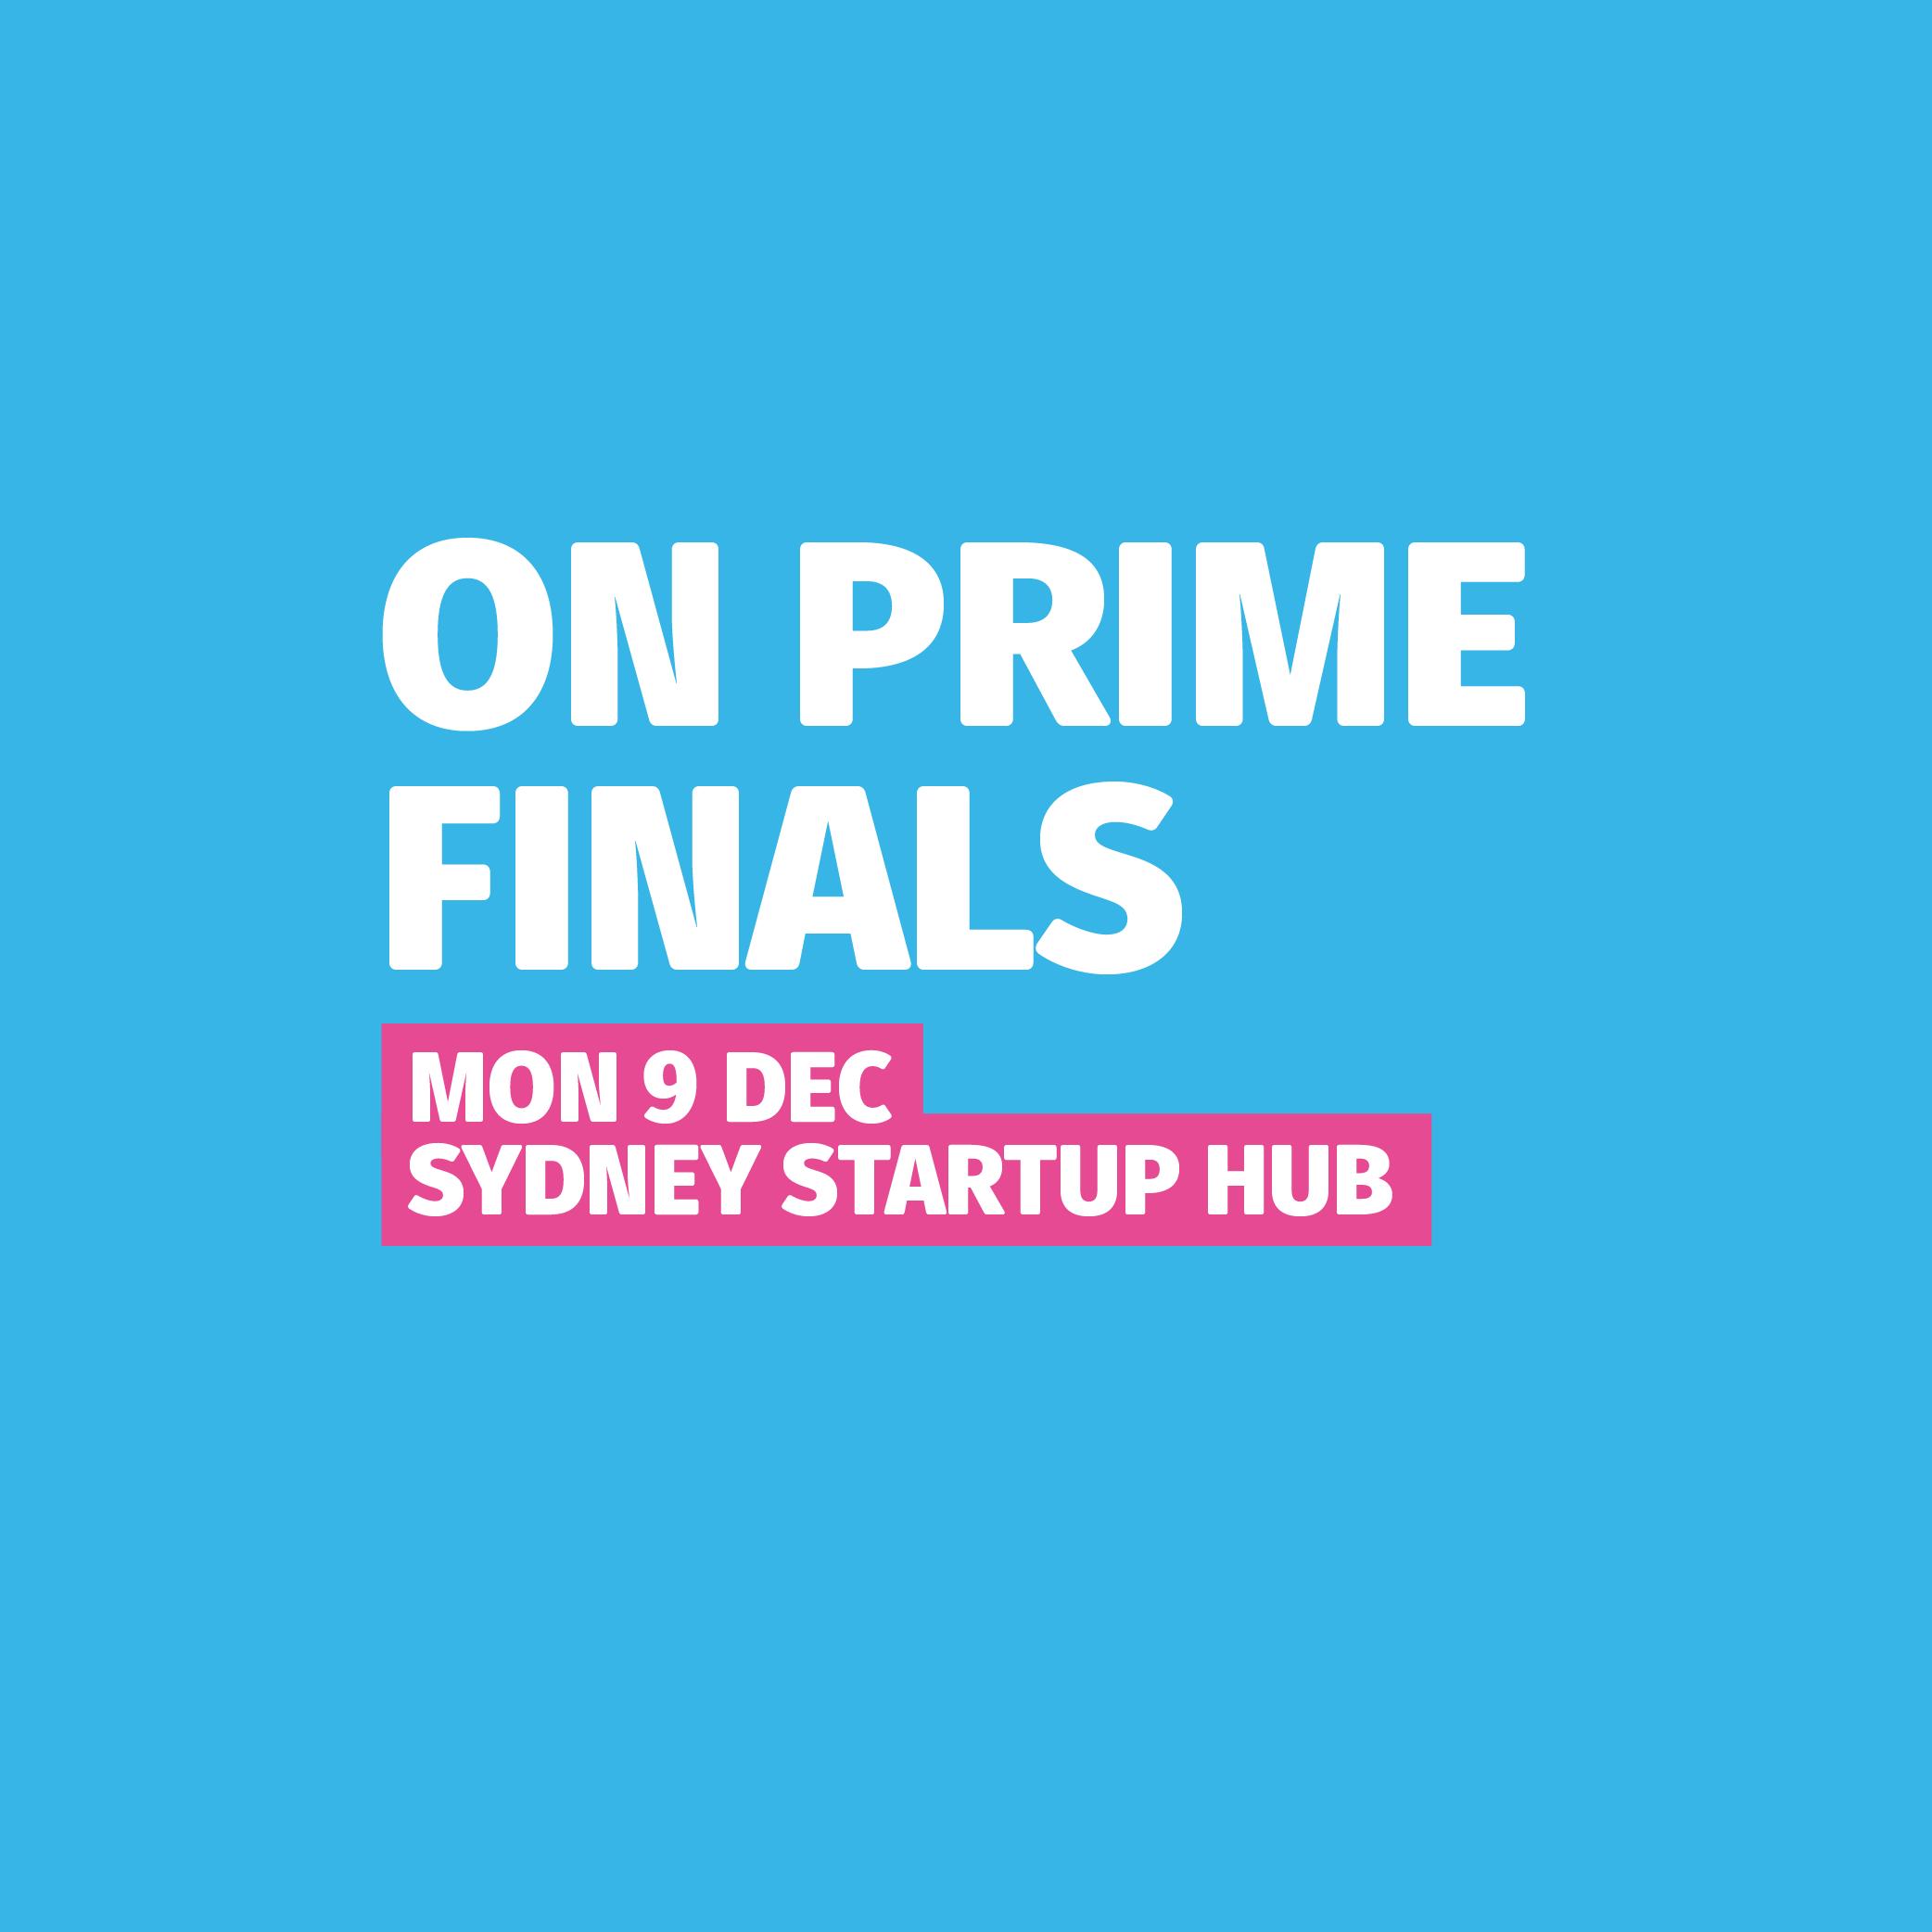 ON Prime finals